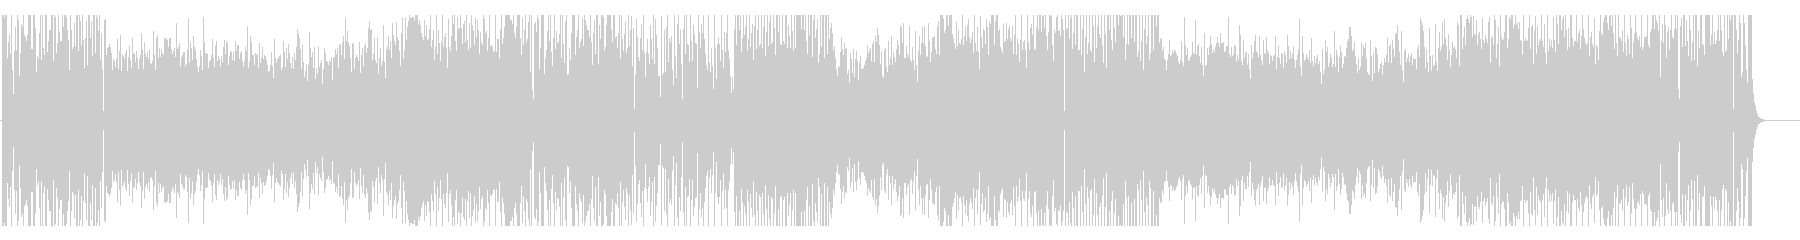 パズルゲームなイメージのテクノポップの未再生の波形